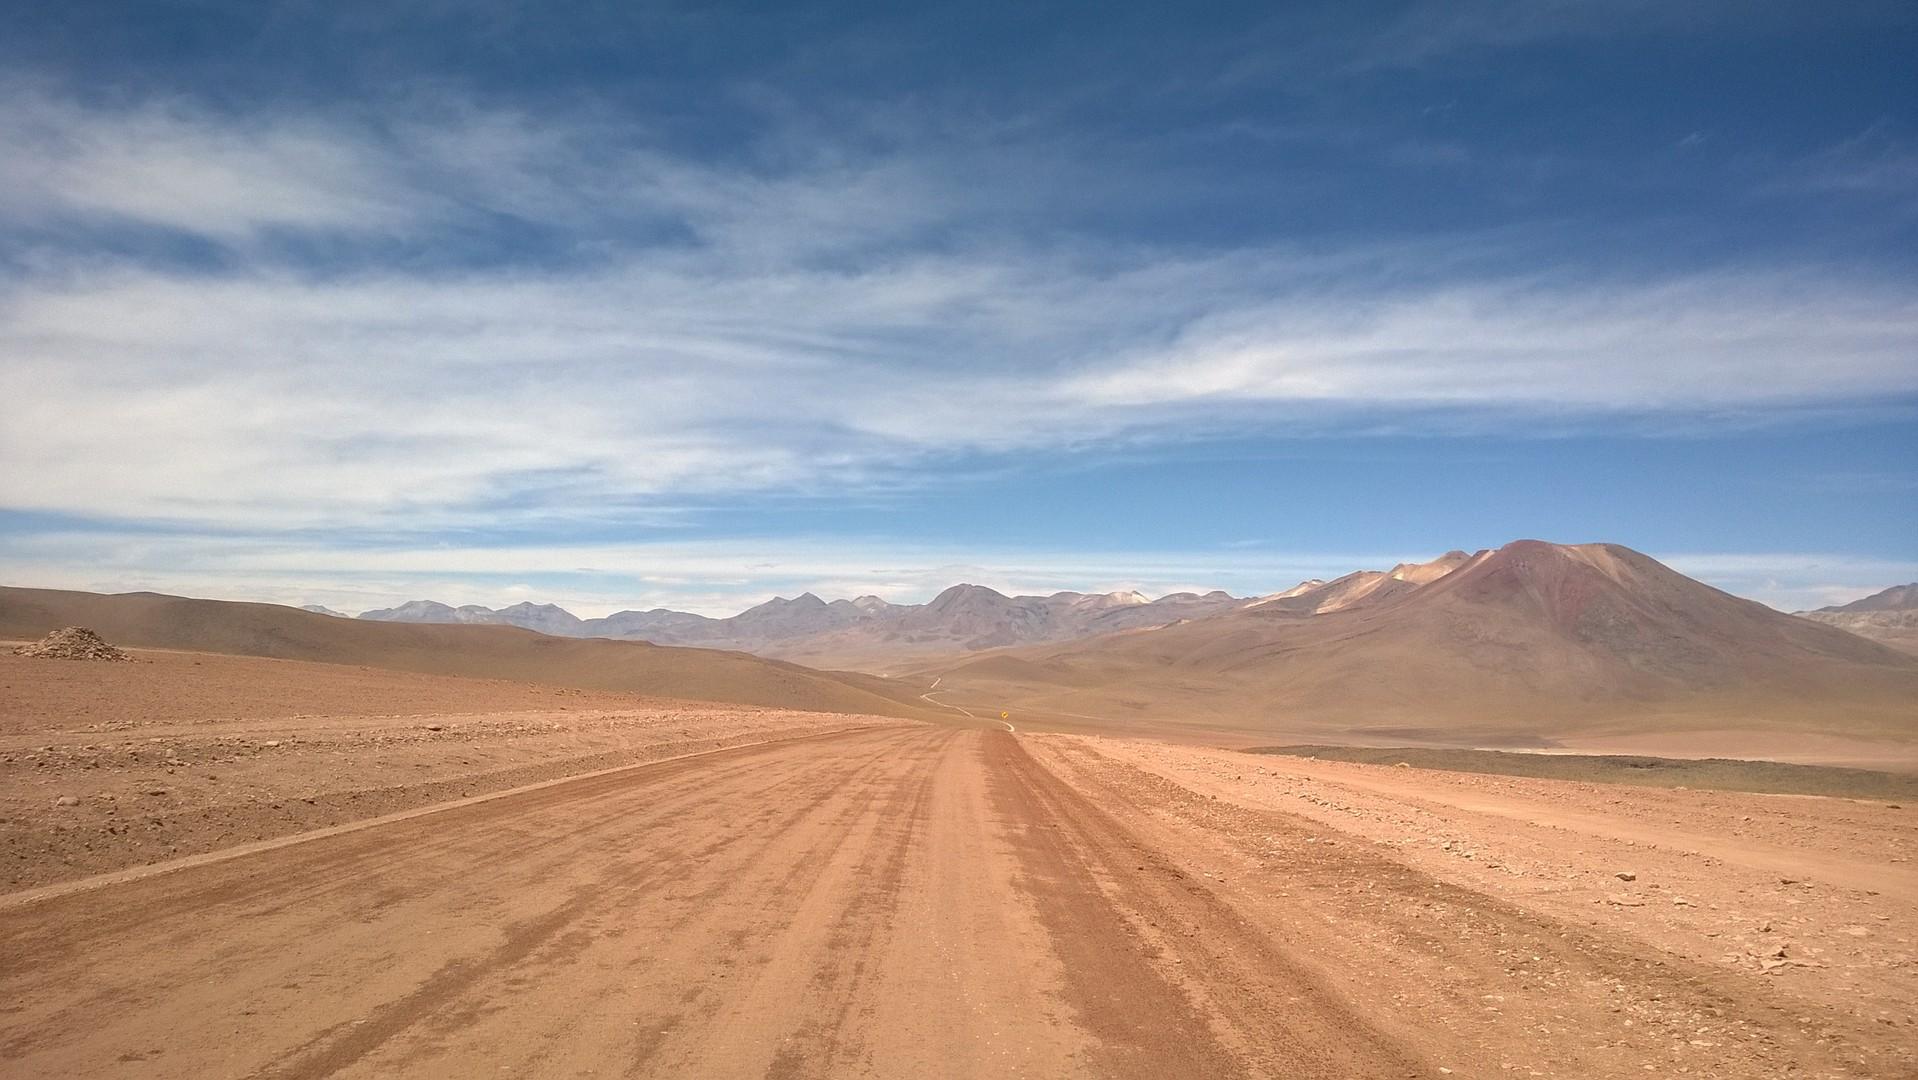 Wege durch die Wüste